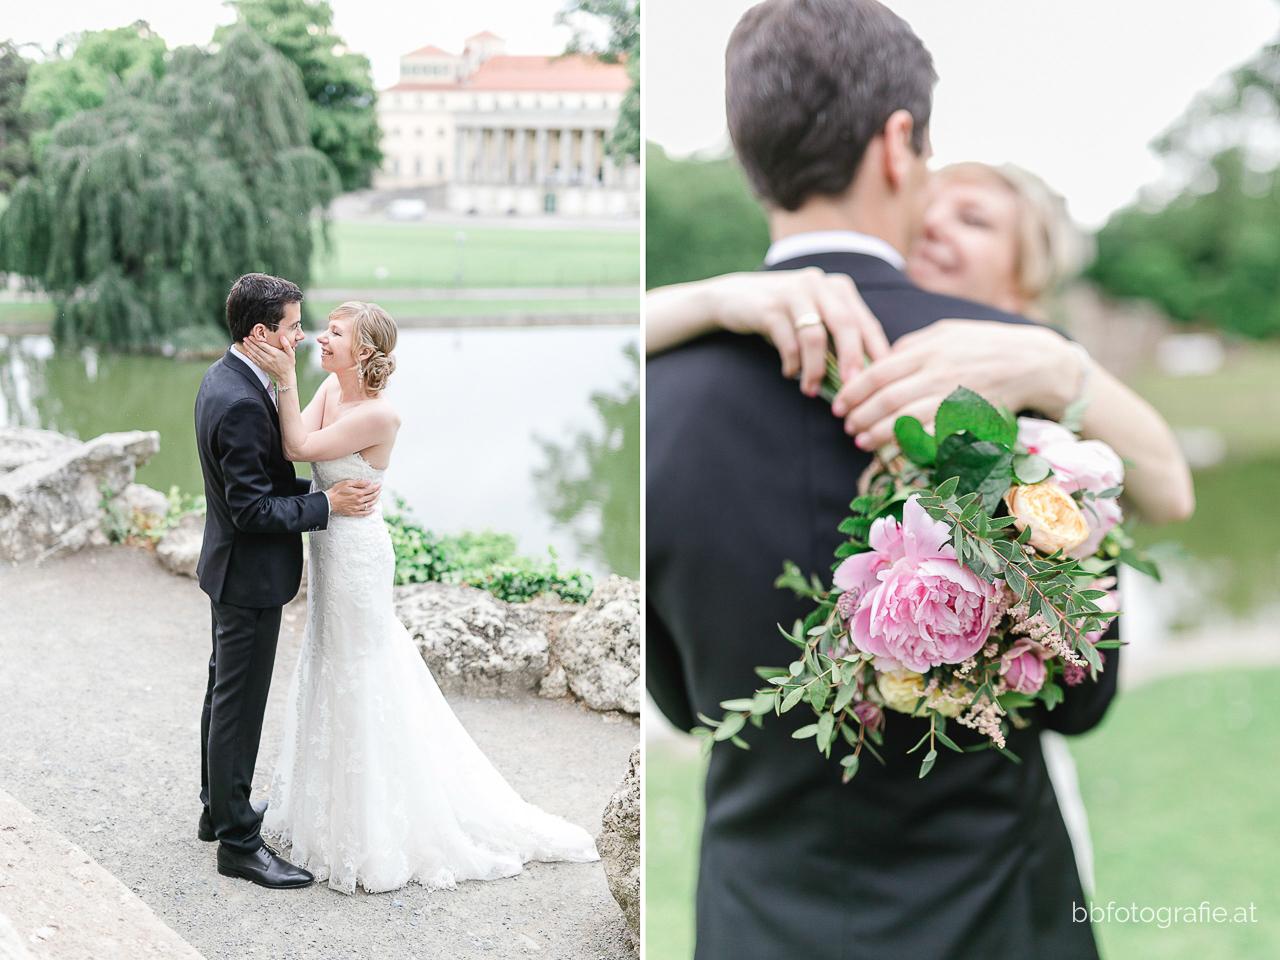 Hochzeitsfotograf, Hochzeitsfotograf Burgenland, Hochzeit Schloss Esterhazy, Hochzeit Orangerie Schloss Esterhazy, Brautpaar, Paarshooting, Brautstrauß, Pfingstrosen, Hochzeitslocation Burgenland, b&b fotografie